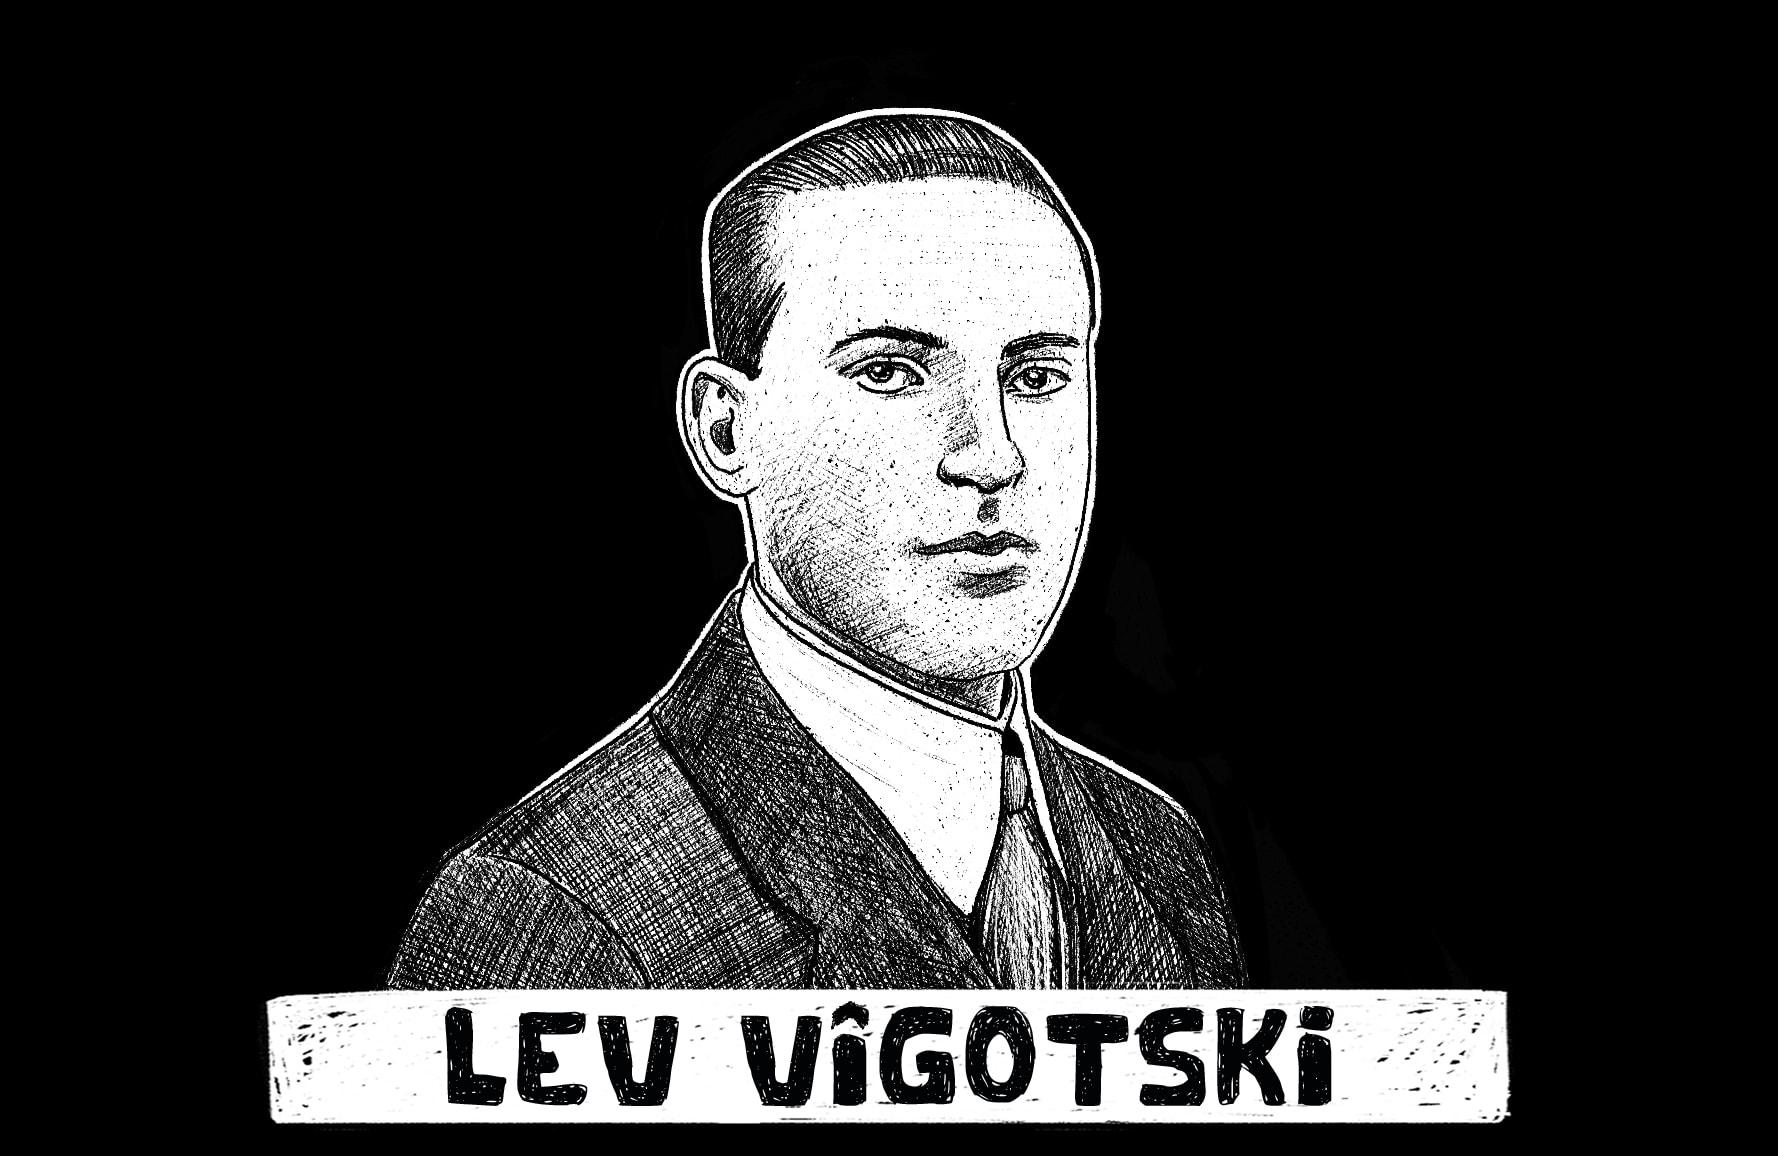 Lev Vîgotski